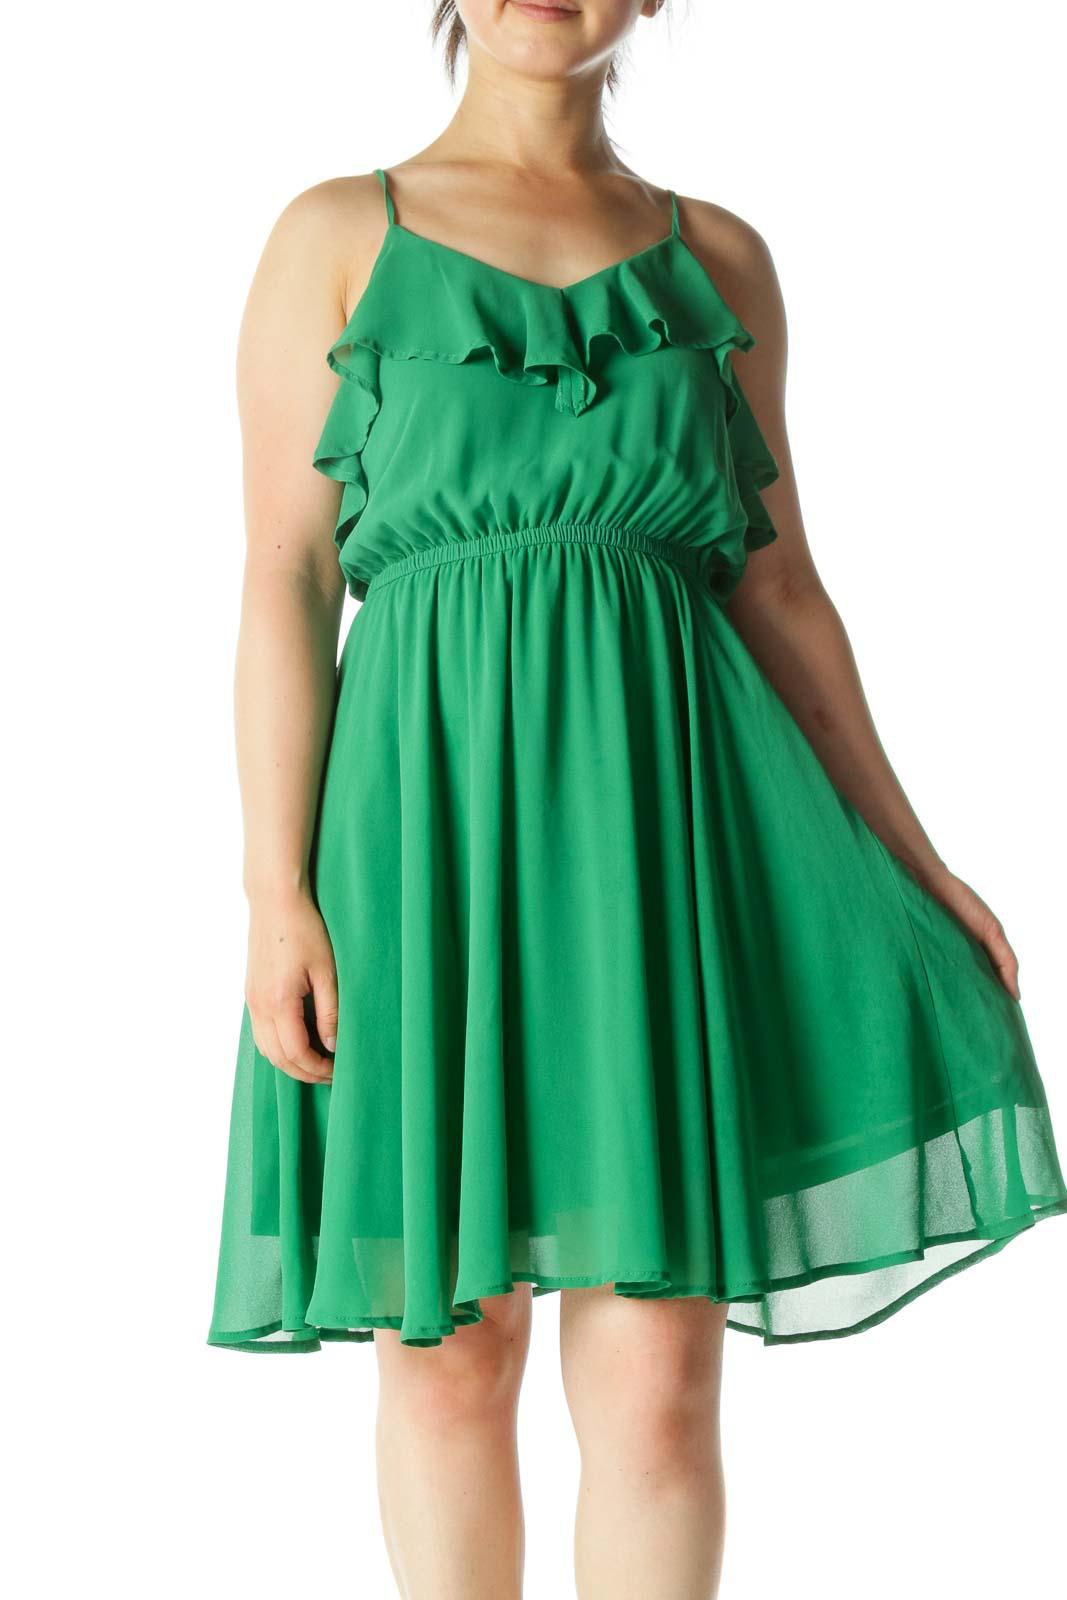 Green Ruffle Chiffon Midi Dress Front